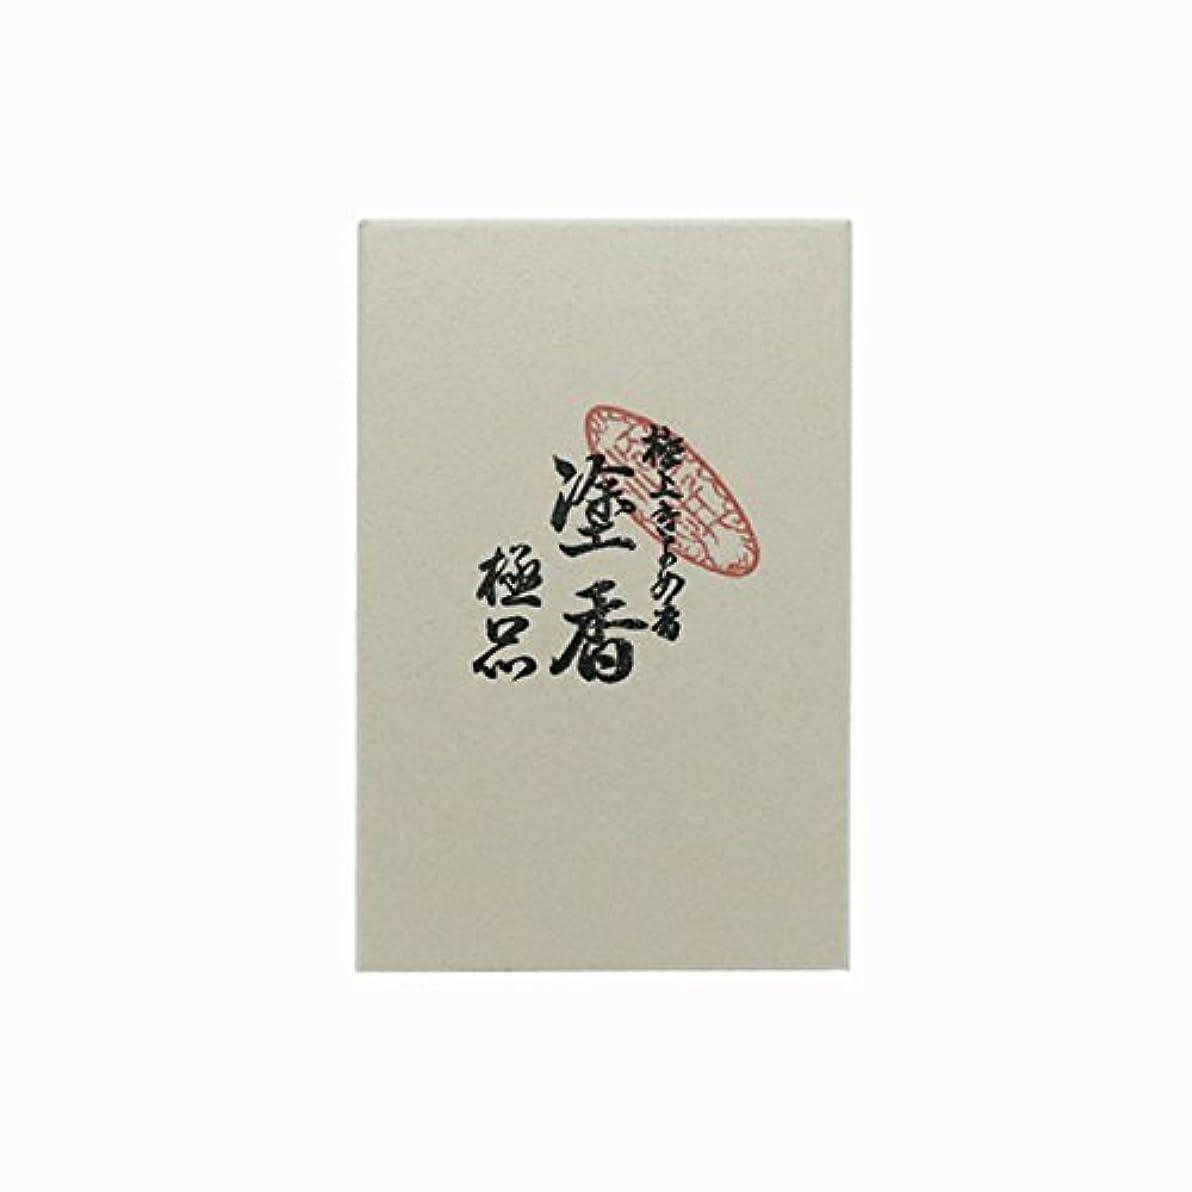 信念スペイン語マラドロイト塗香(極品) 20g入